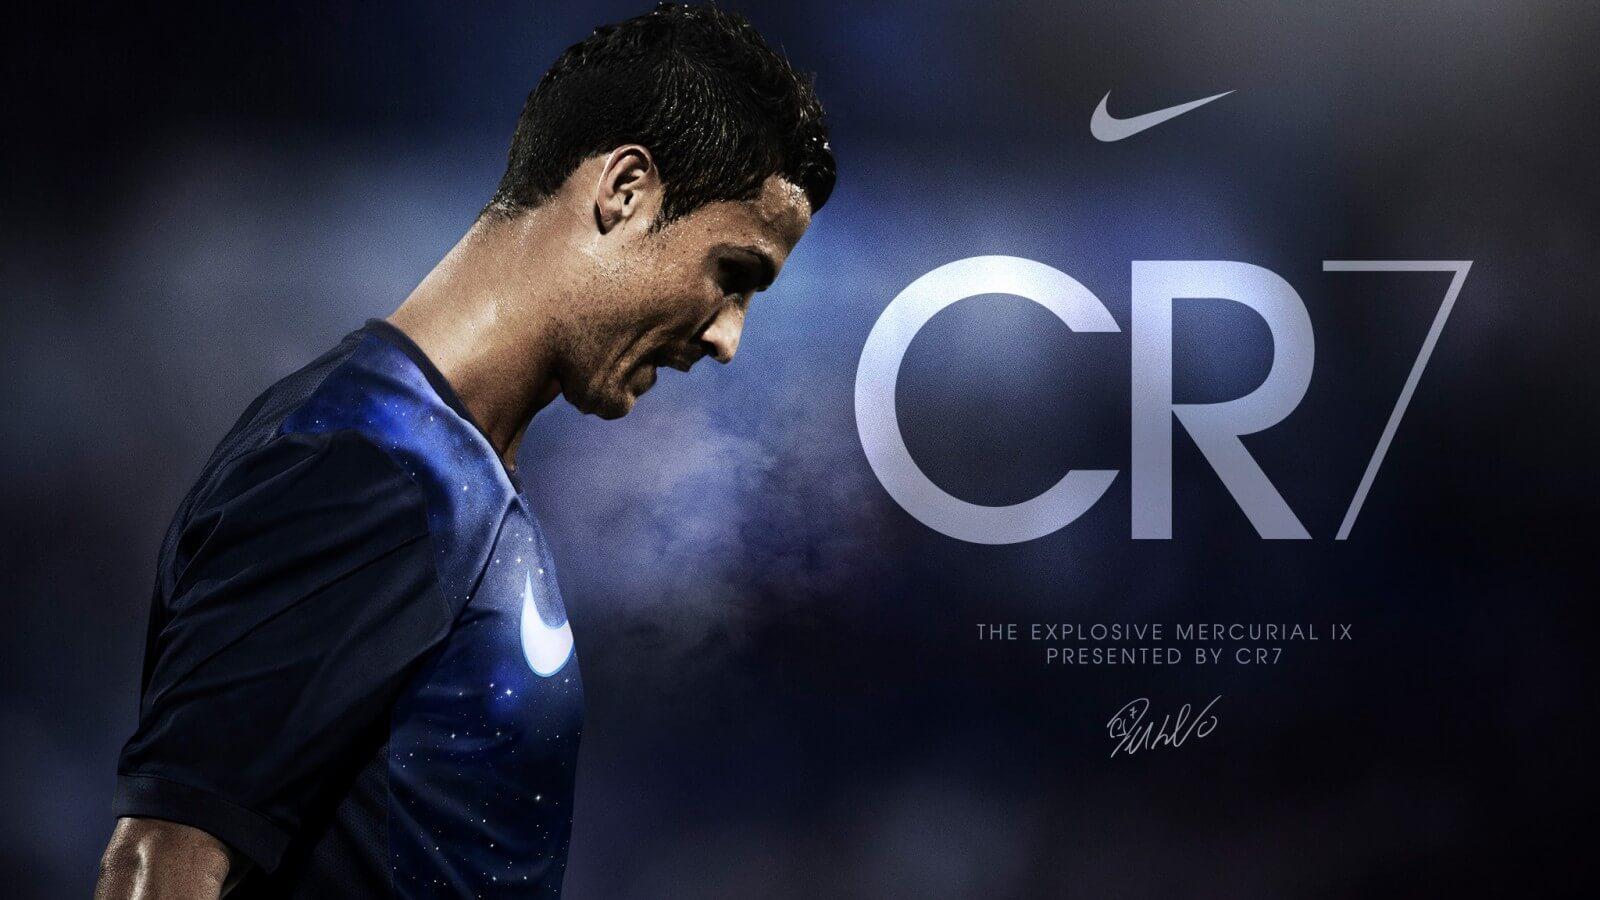 Wallpaper Cristiano Ronaldo Hd